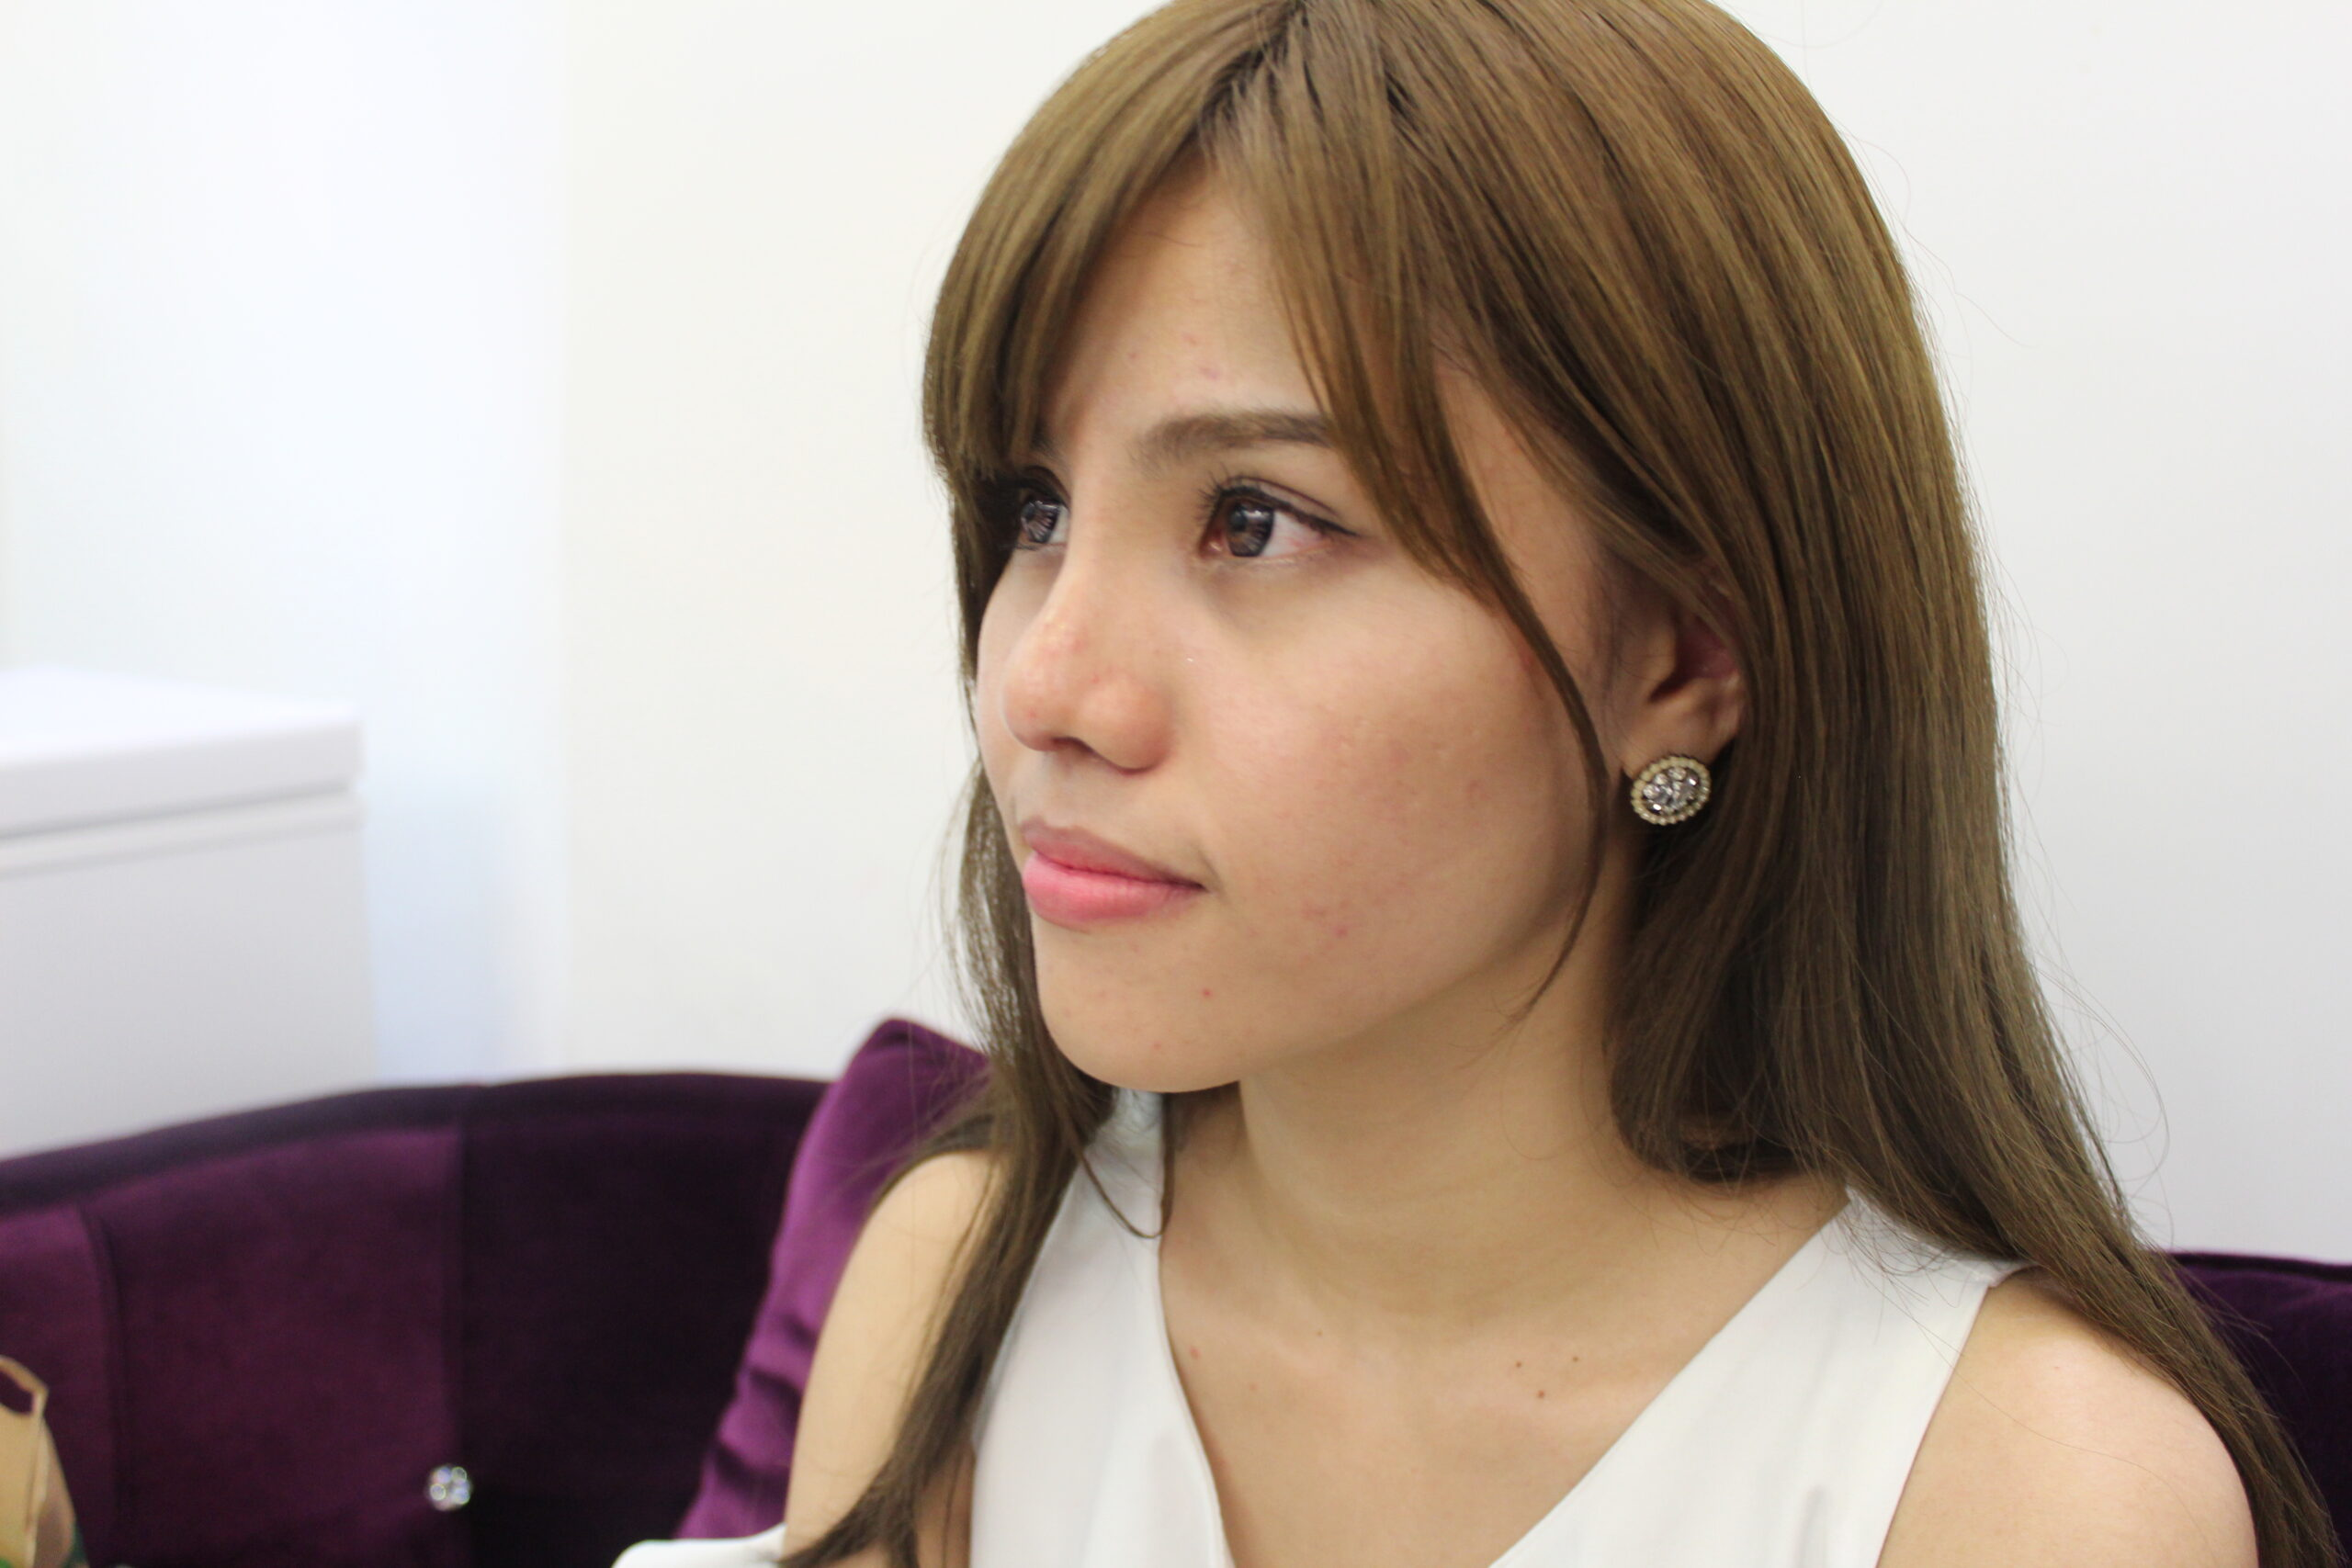 專業鼻雕隆鼻,精雕複合式鼻雕手術,馬來西亞俏妞改善鼻型